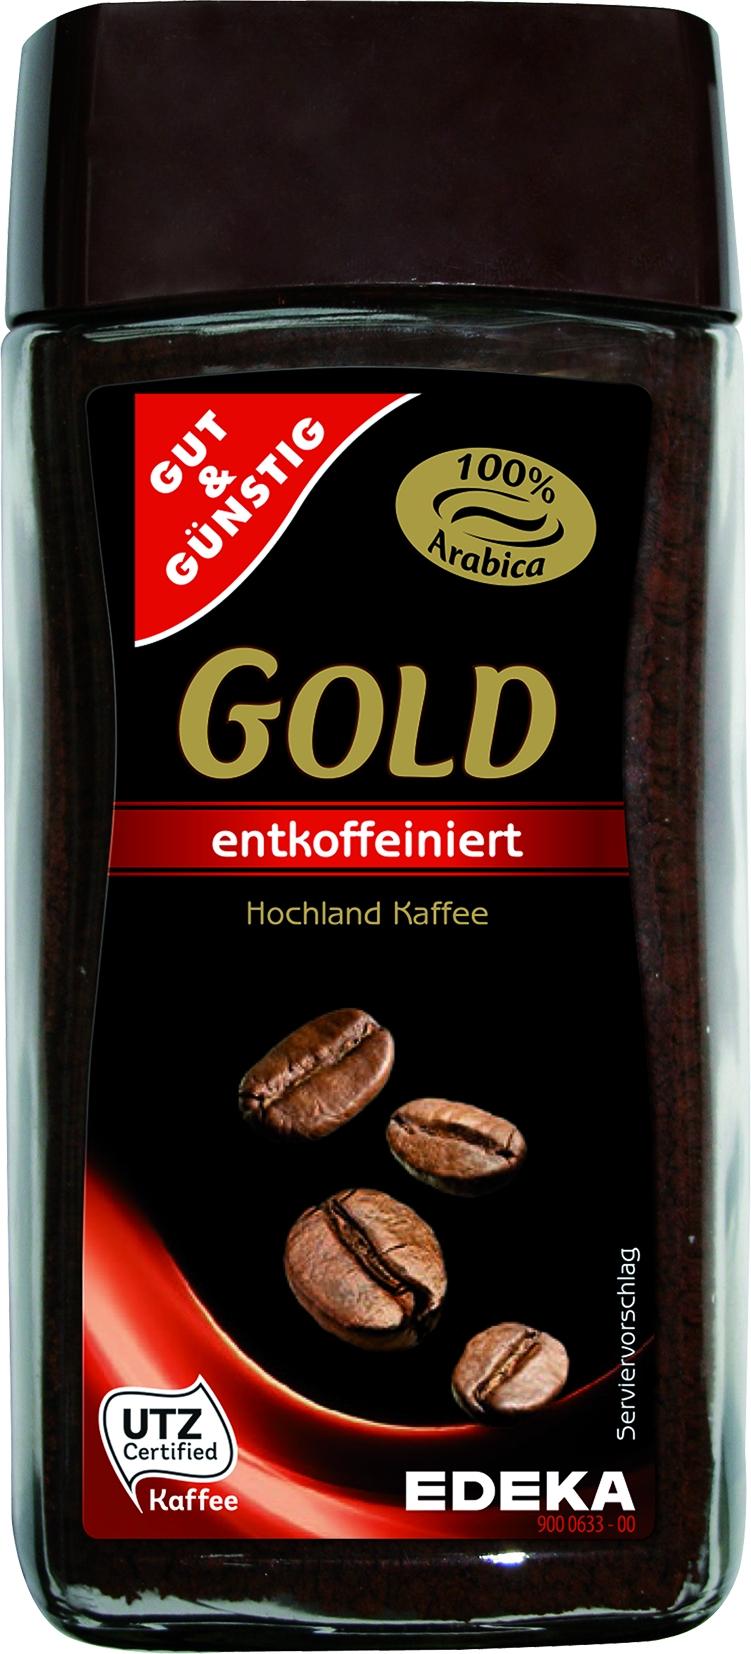 Gold Instant Kaffee entkoffeiniert